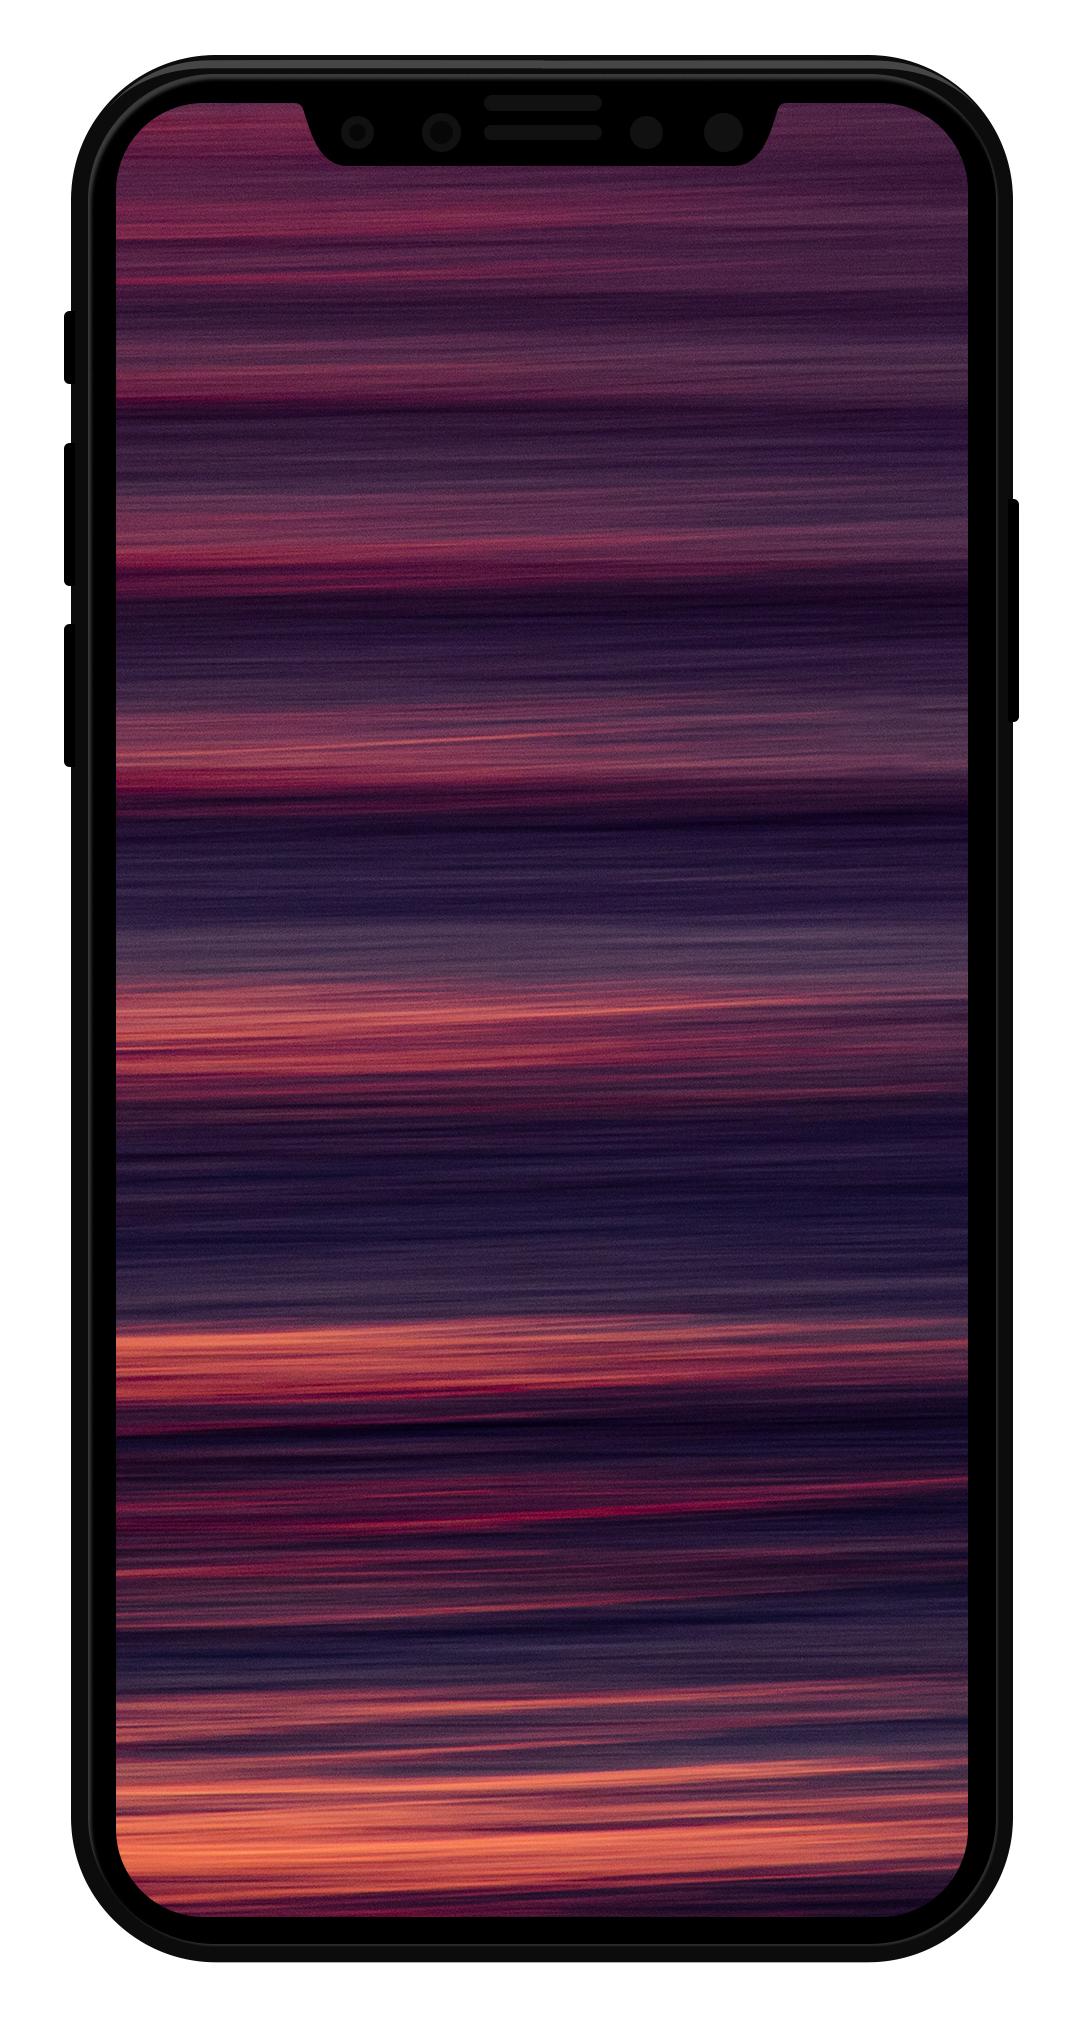 iphone-8-mockup-downloadabkleG.jpg